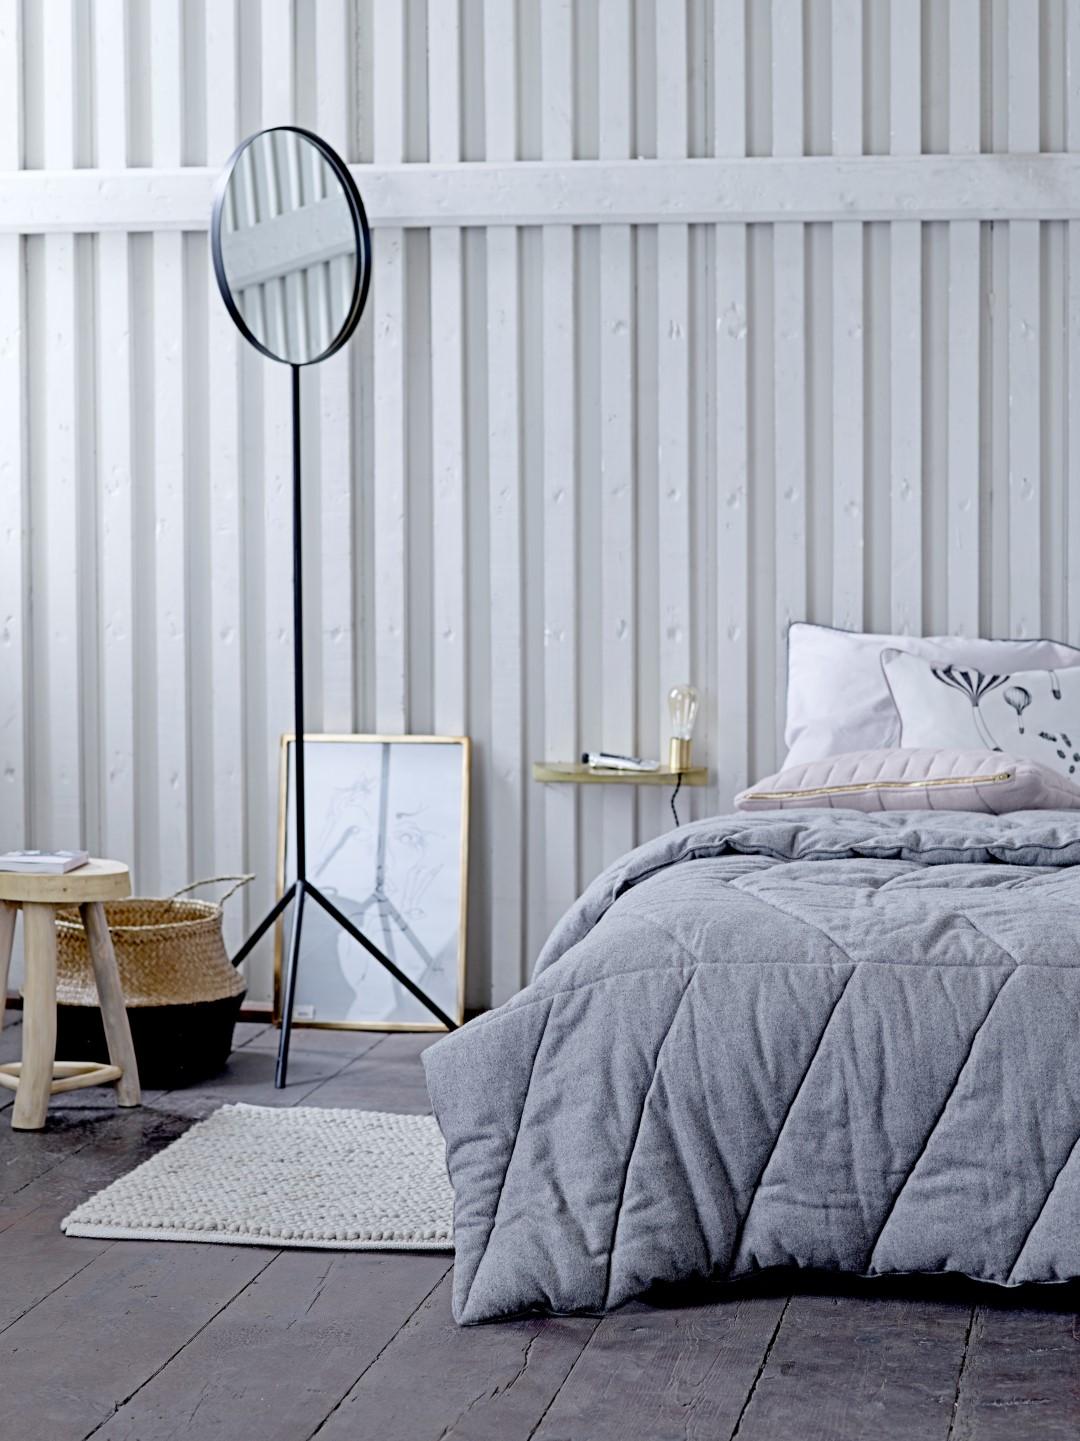 slaapkamer » kleuren slaapkamer noorden - galerij foto's van, Deco ideeën